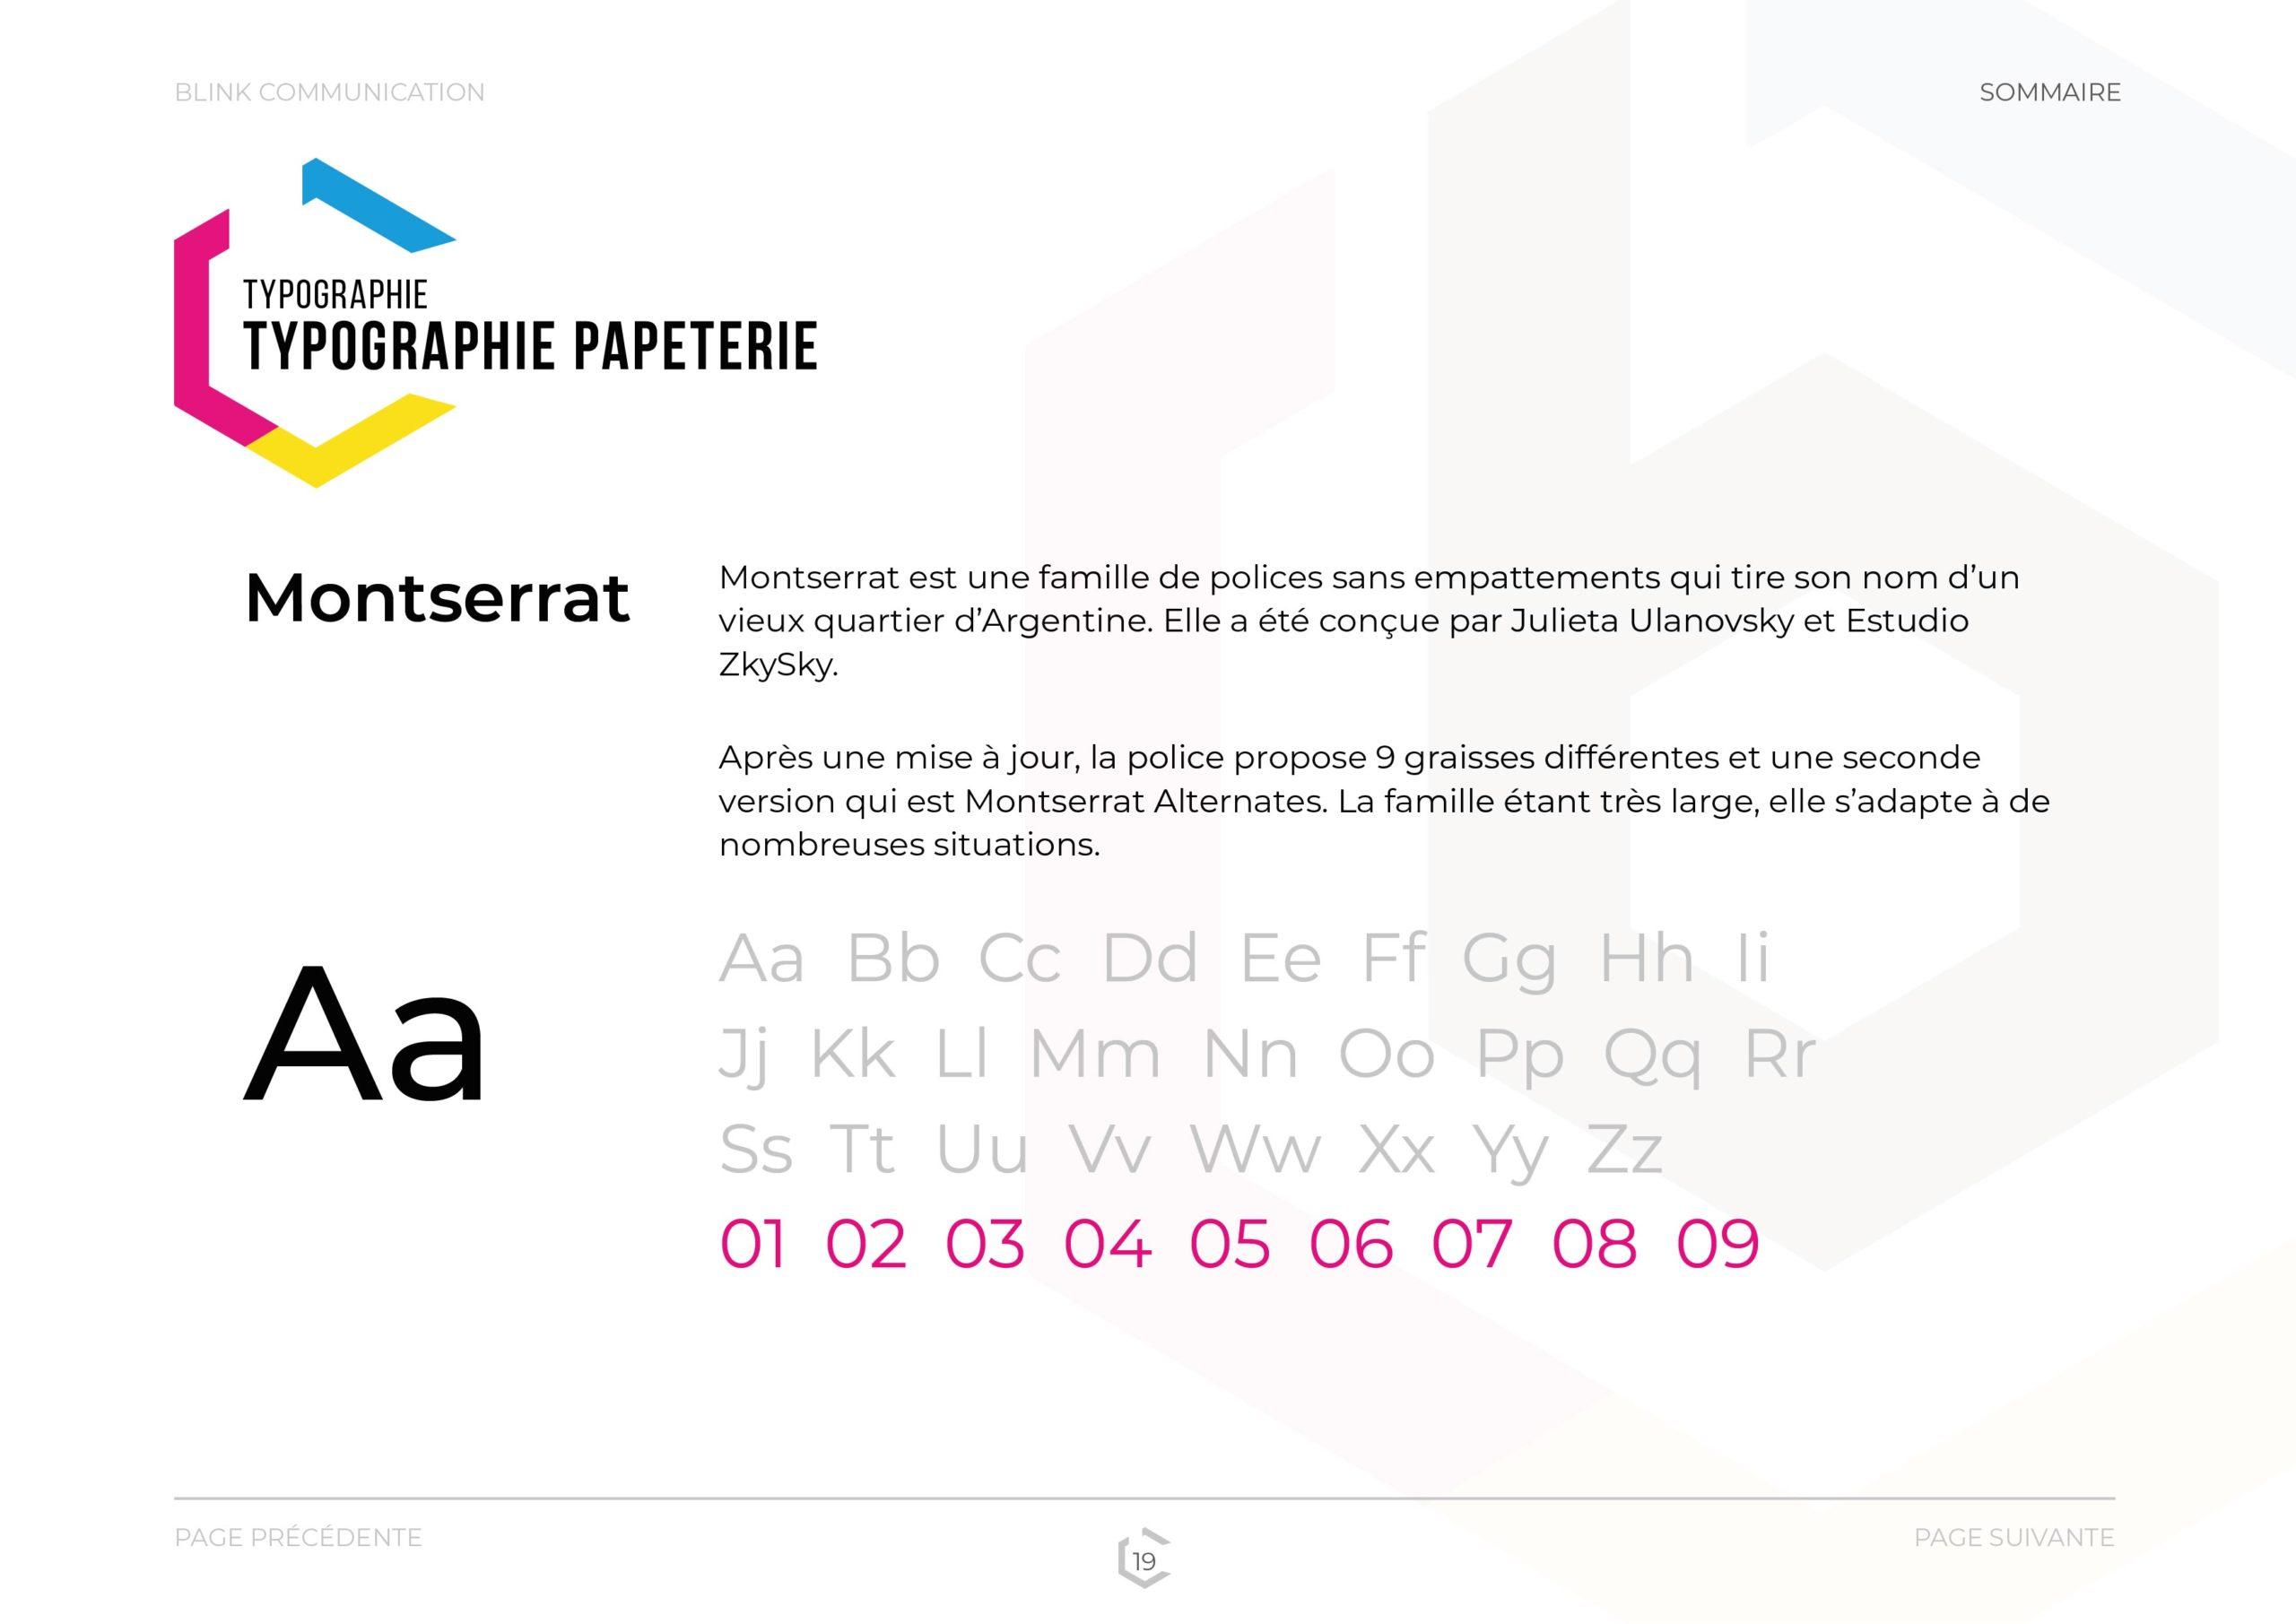 CG - Typographie